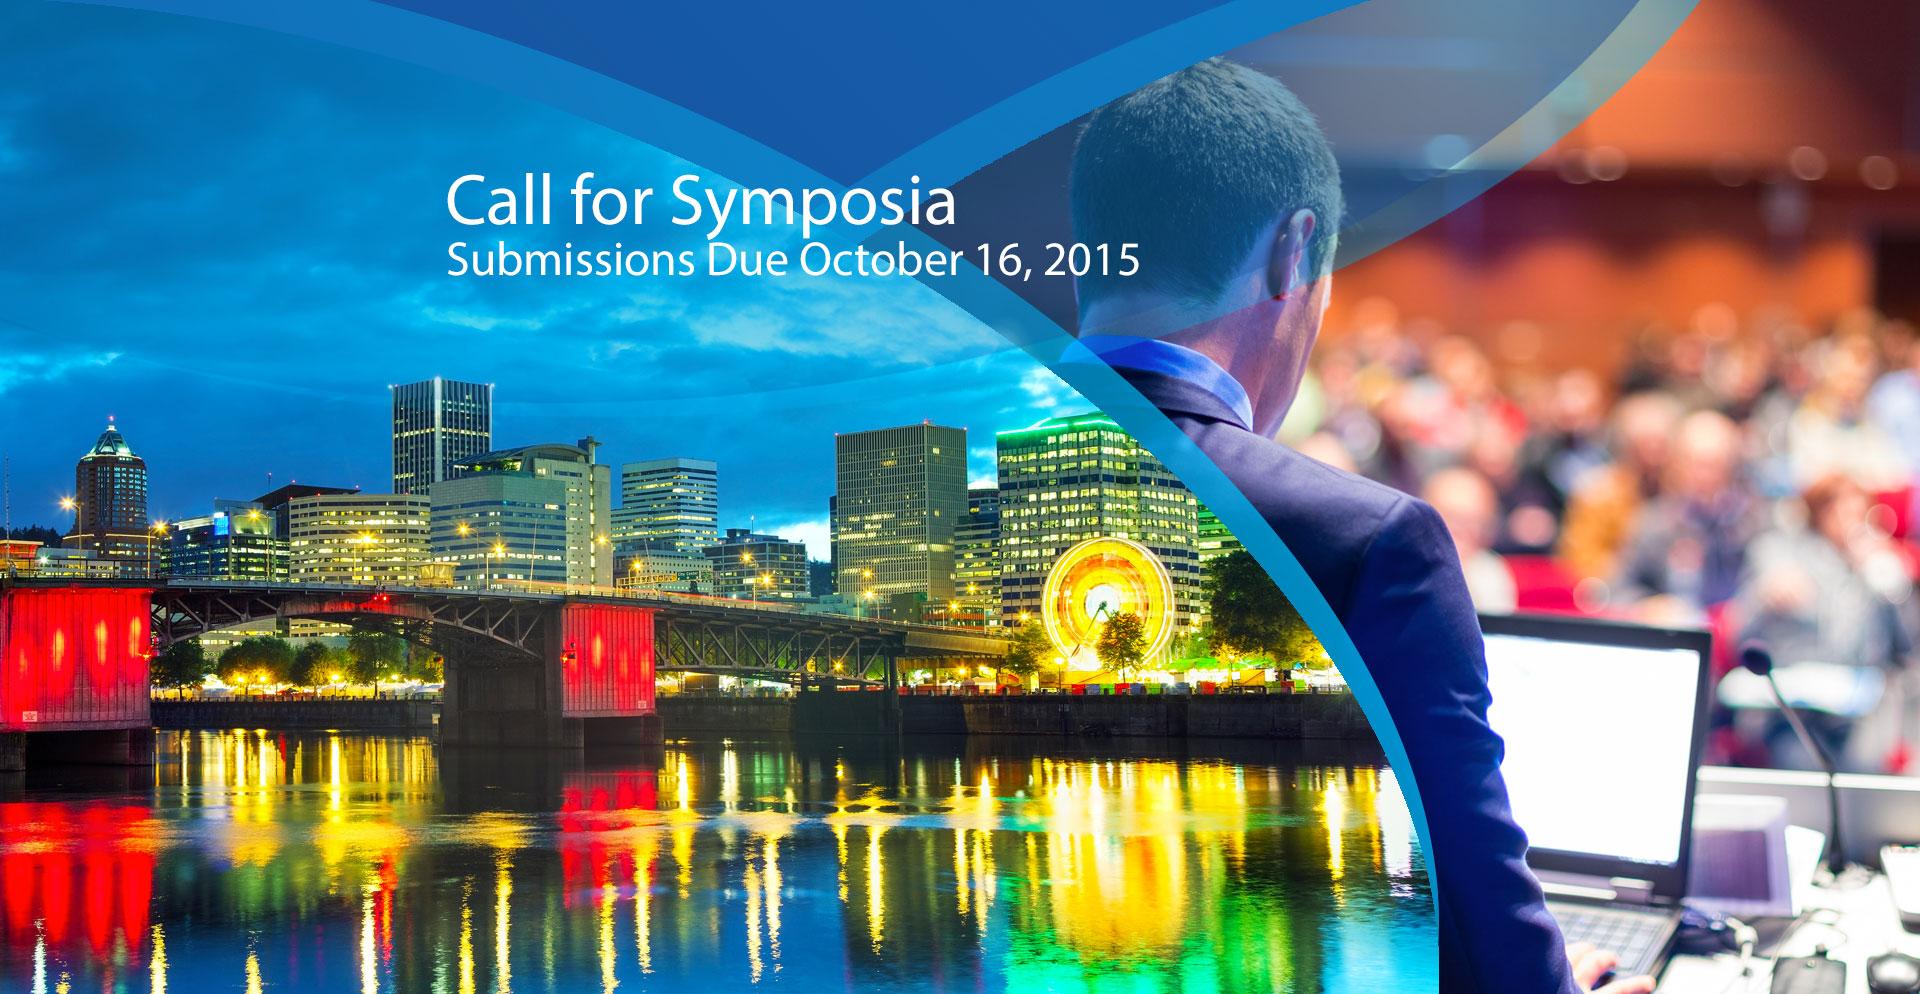 Call for Symposia